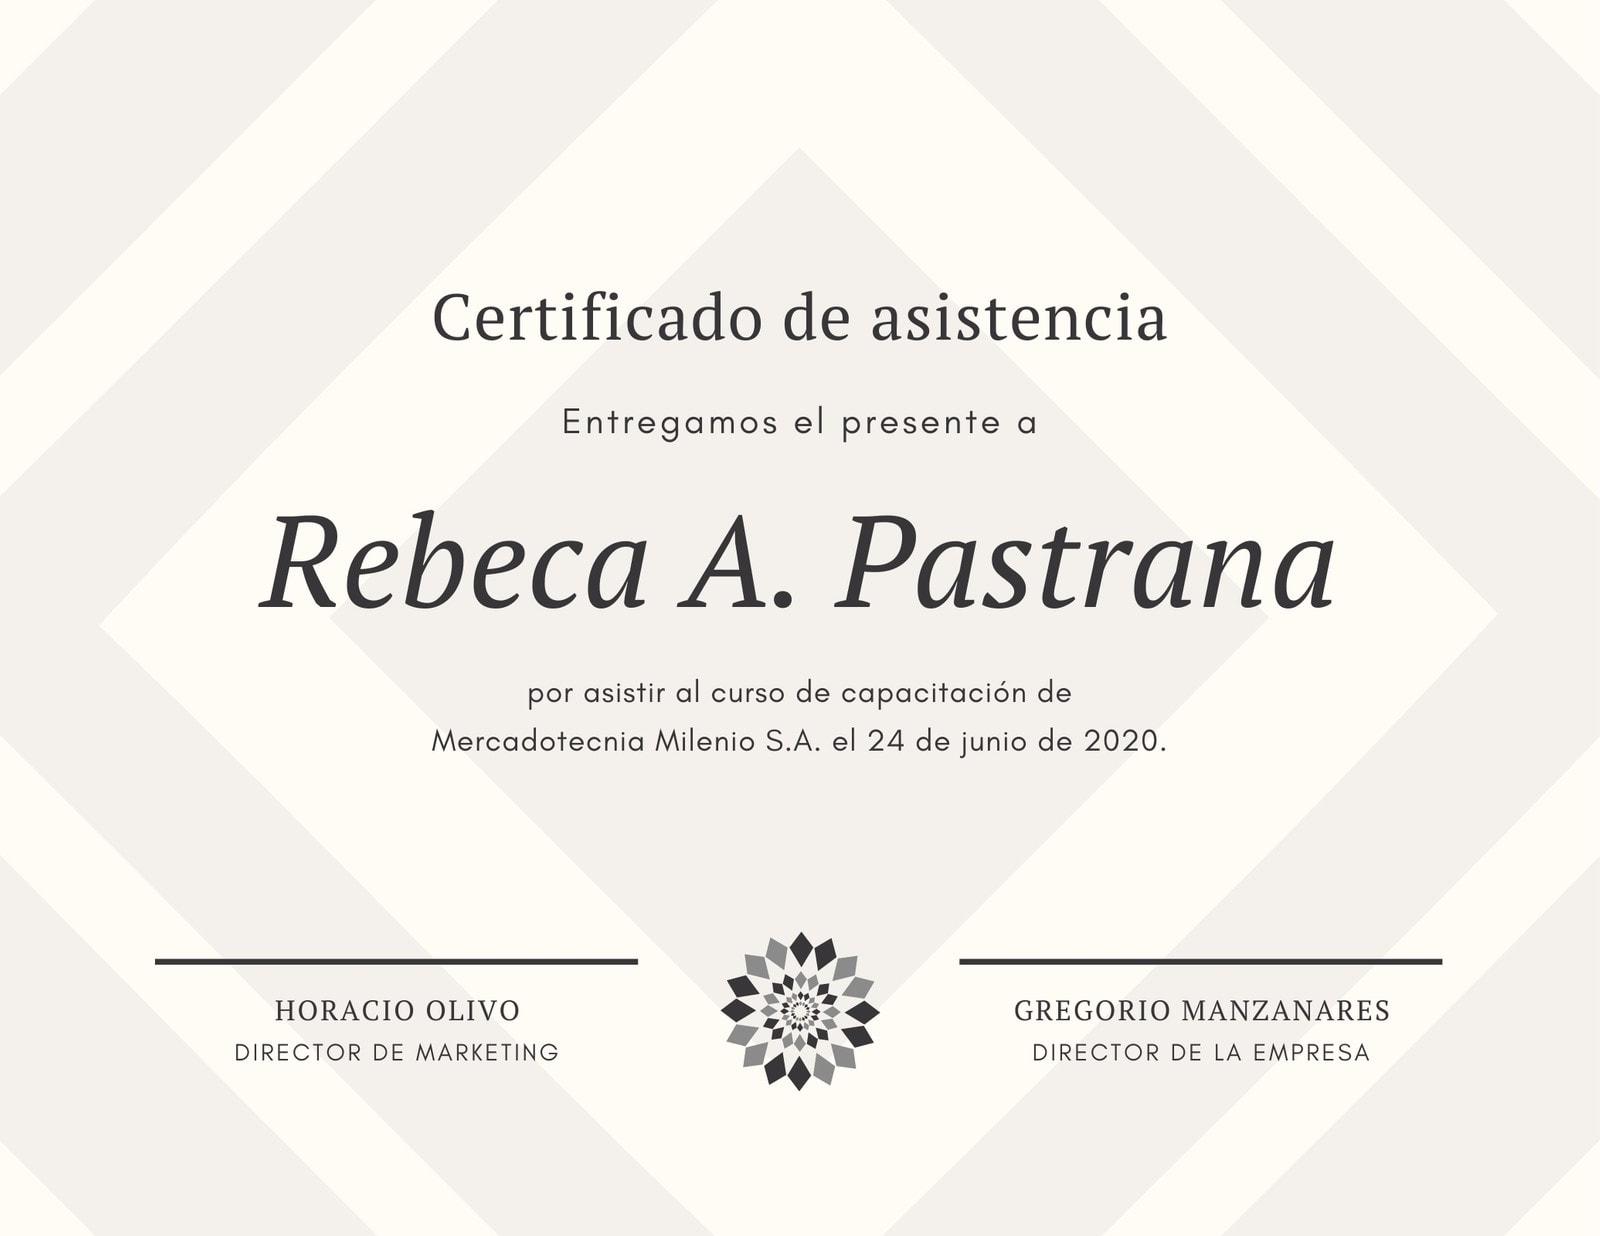 Rombo Patrón Asistencia Certificado